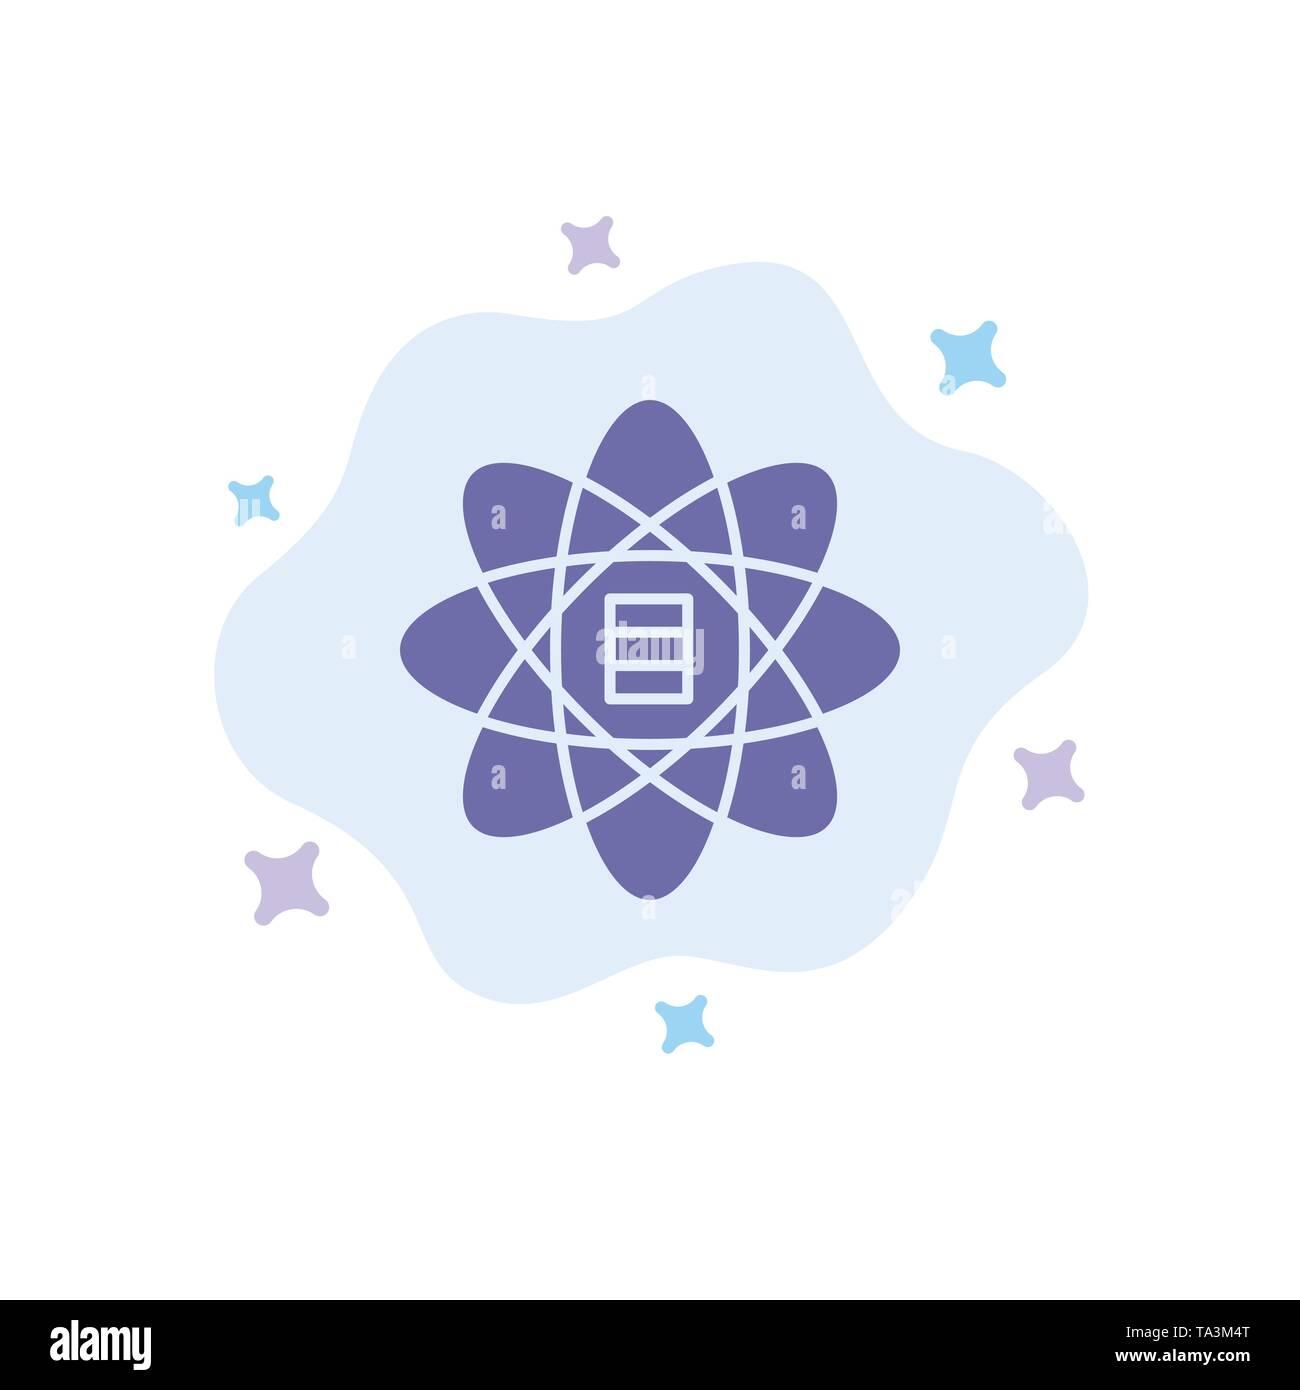 Daten, Wissenschaft, Daten Wissenschaft, Dollar, blaues Symbol auf Abstrakten Cloud Hintergrund Stockbild